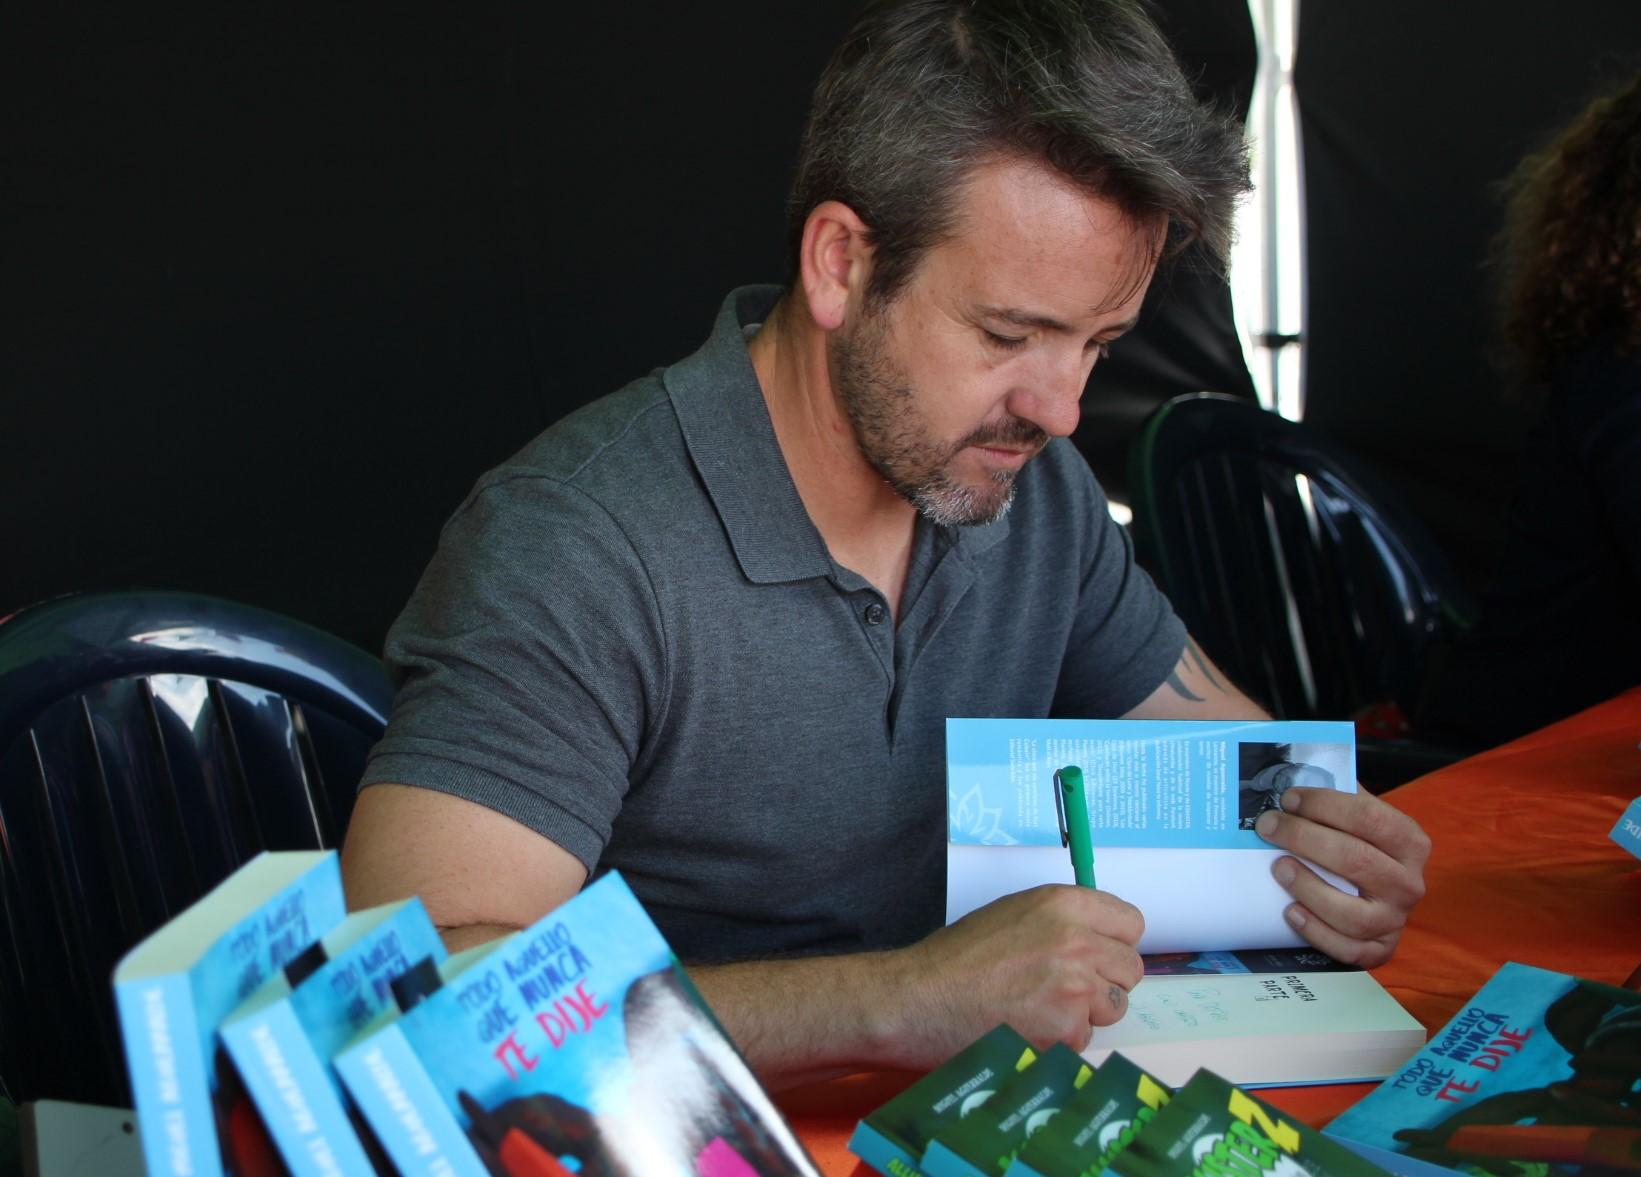 Miguel Aguerralde lanza la tercera novela de su saga Allister Z